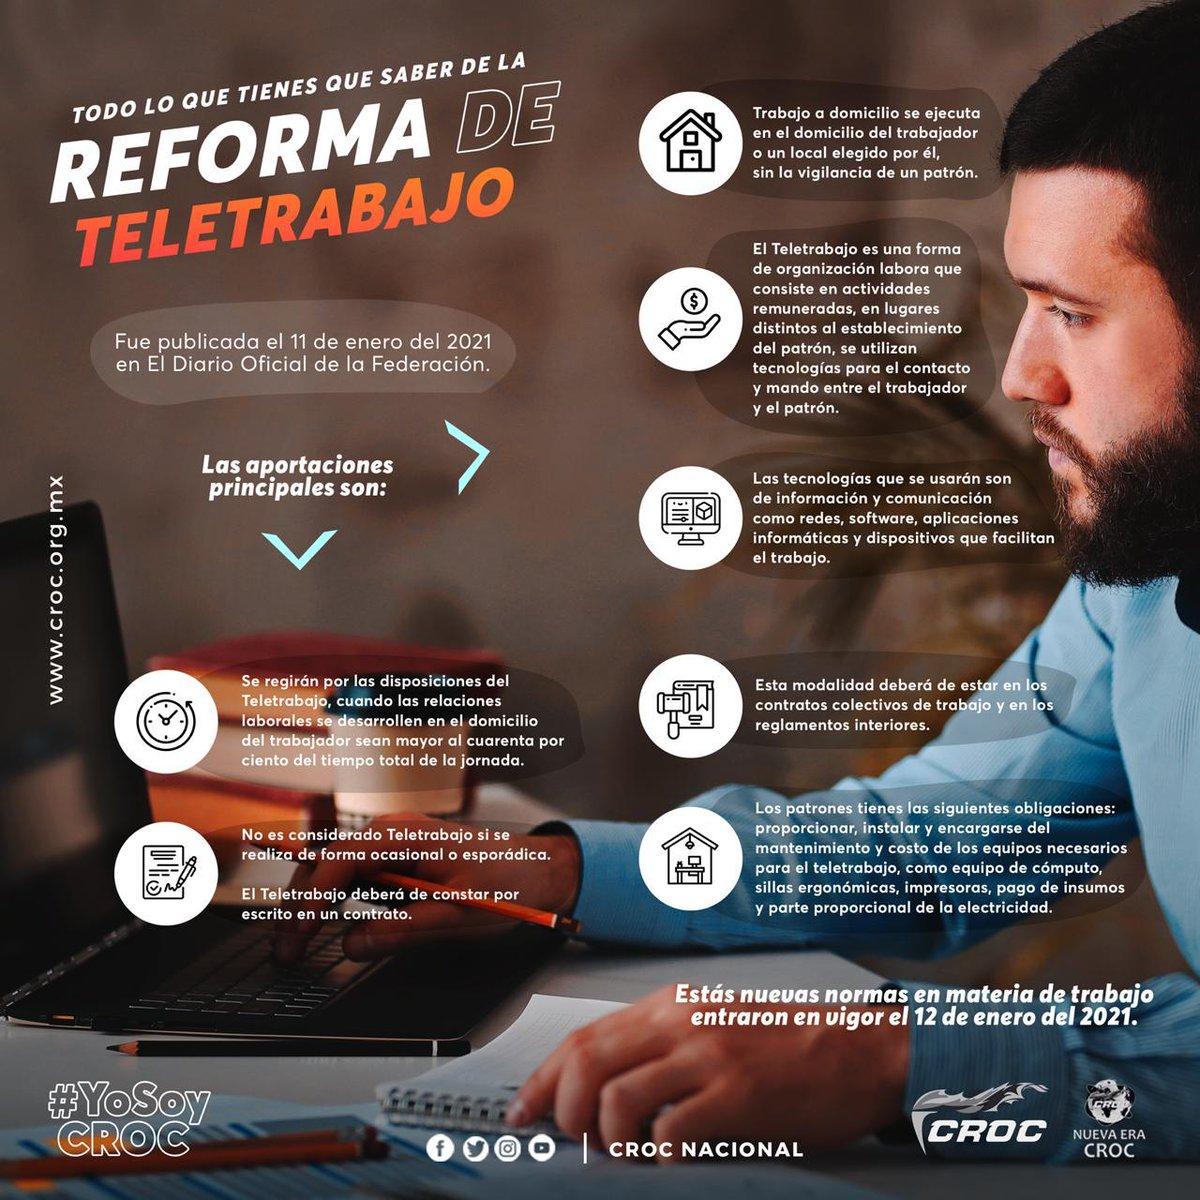 Conoce la Reforma de Teletrabajo, publicada el 11 de enero de 2021 en el Diario Oficial de la Federación. https://t.co/6V3if2Jl4B